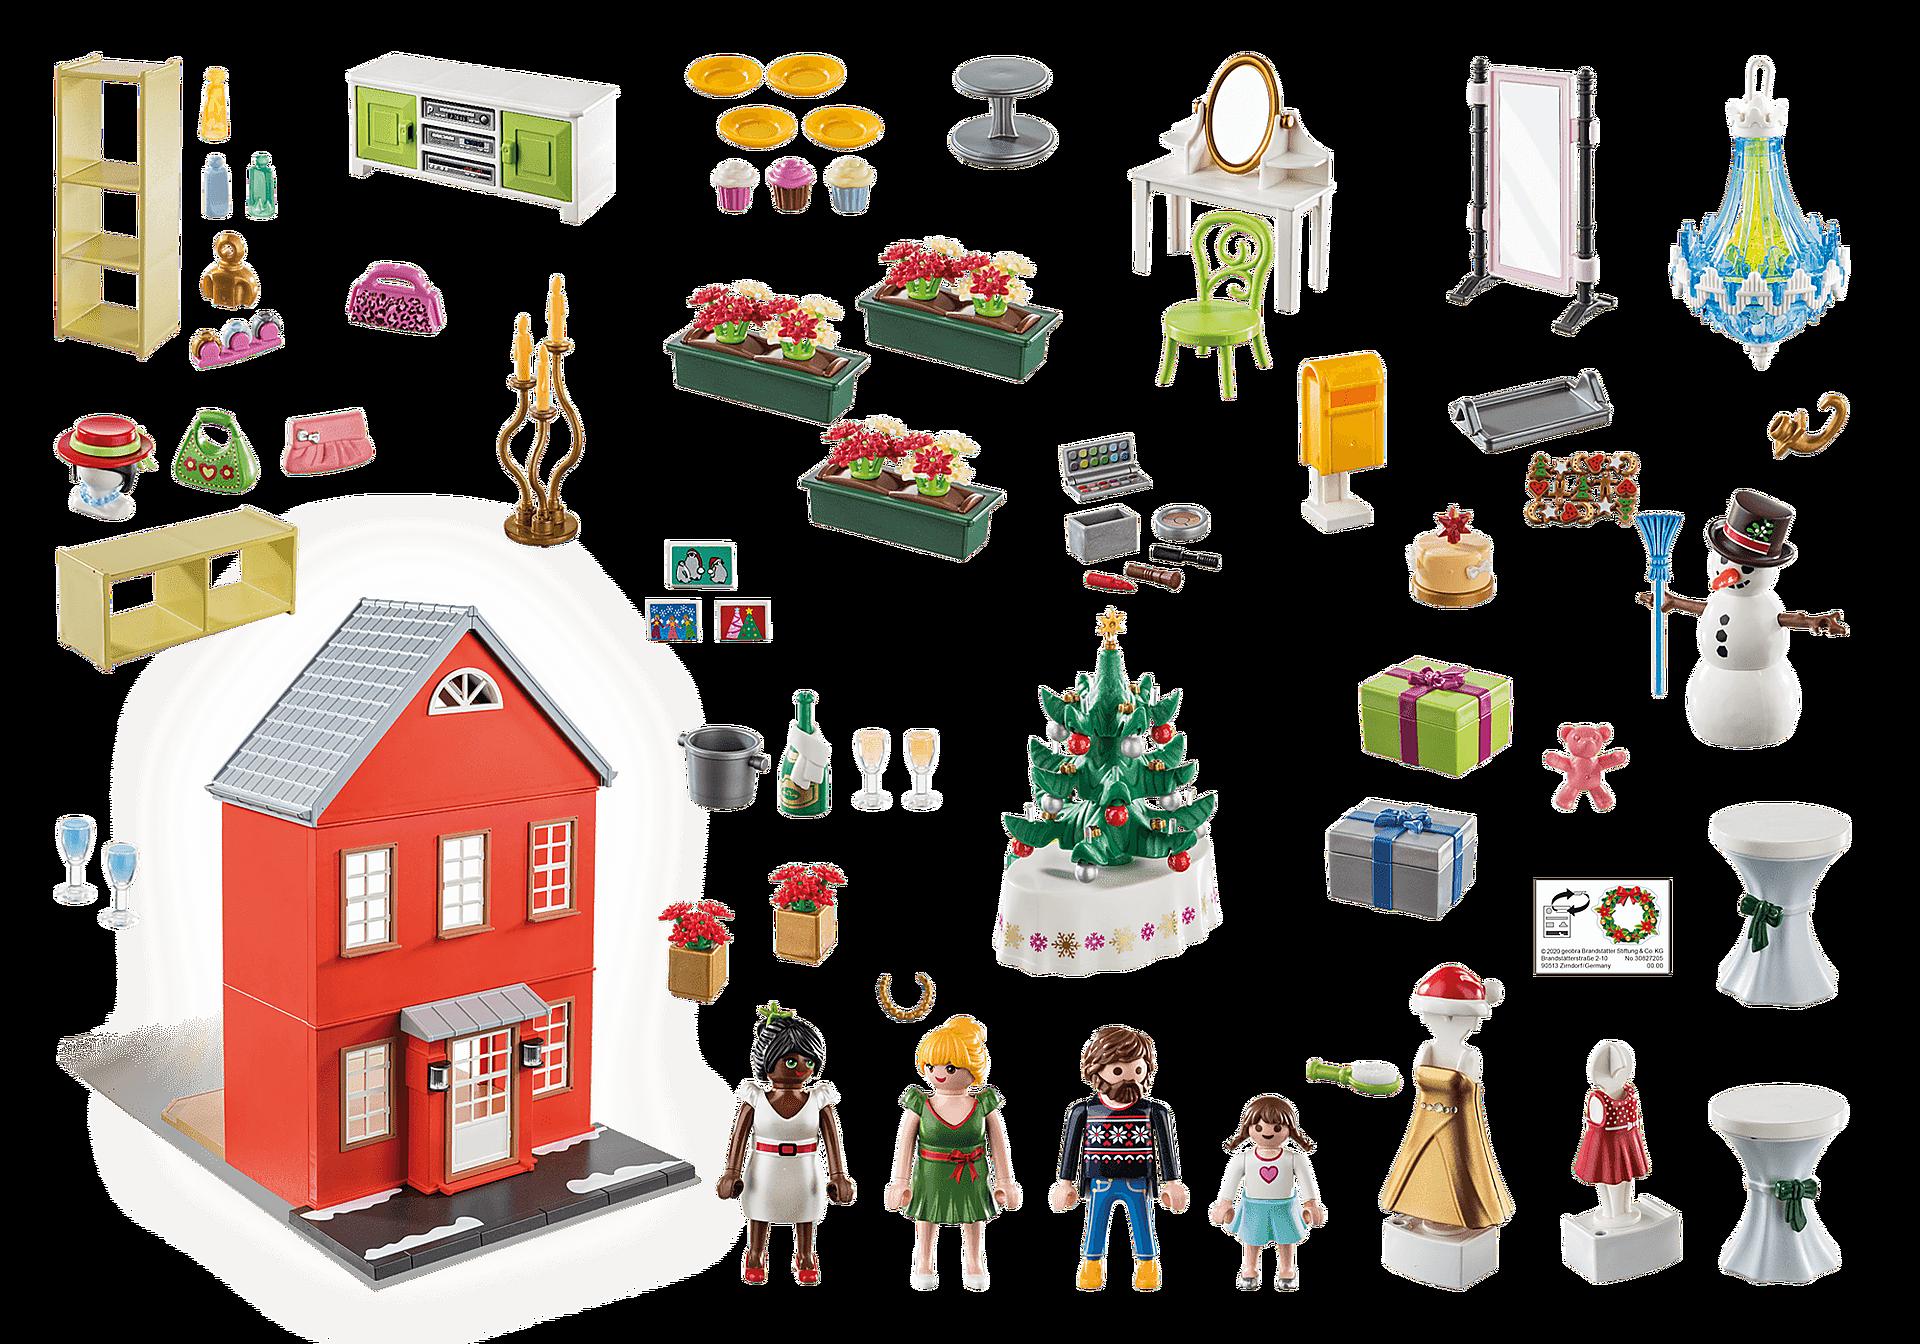 70383 Calendrier de l'avent géant : Noël en famille zoom image2